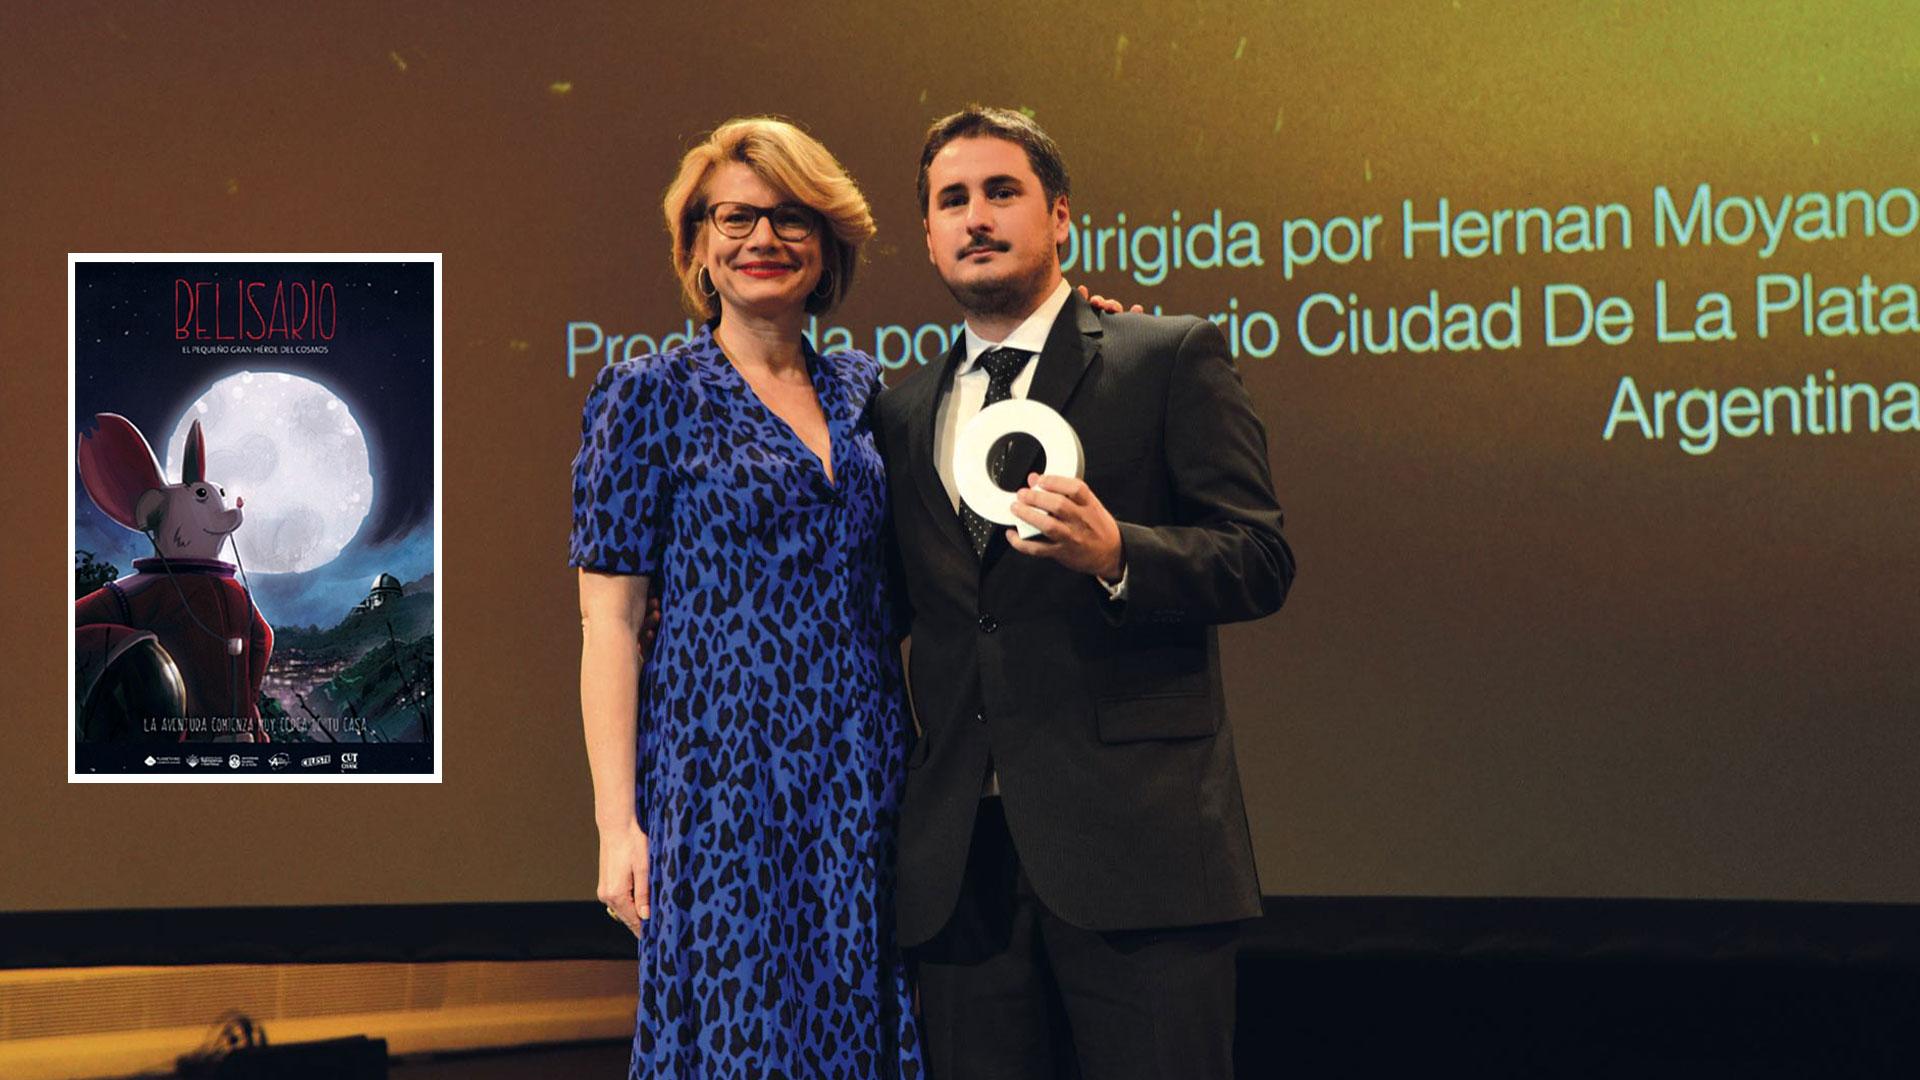 Hernán Moyano recibe el premio en las españolas Islas Canarias. Al lado, el afiche de Belisario, el pequeño gran héroe del cosmos: un ratón que se convirtió en león.